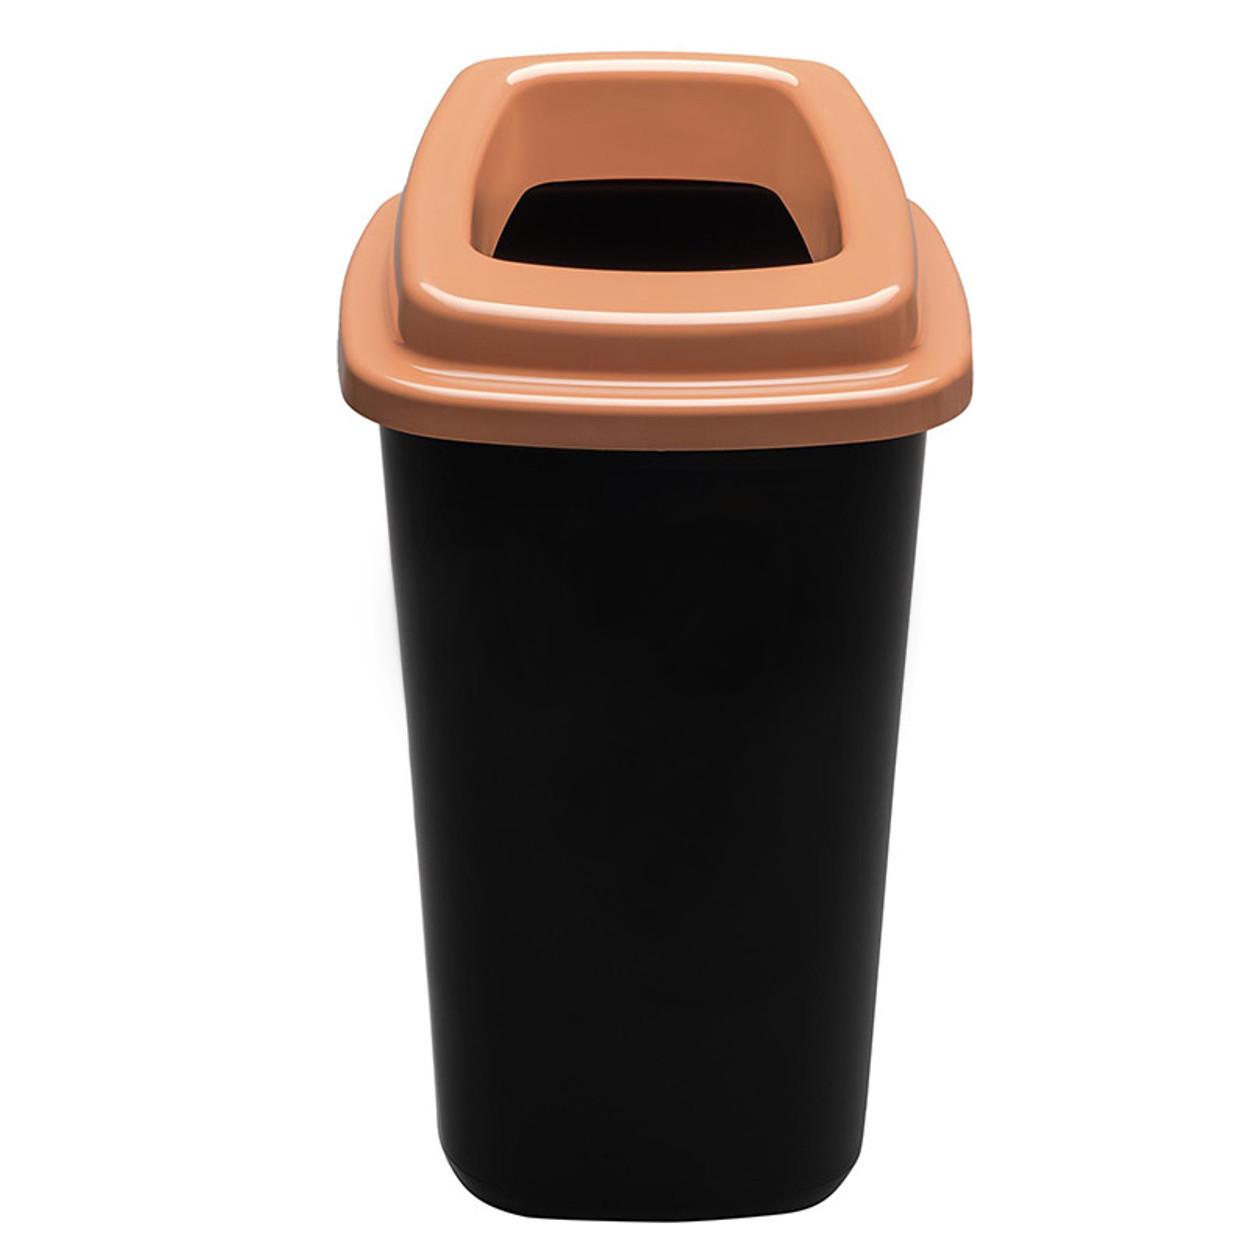 Plastikowy kosz do segregacji śmieci, 45 l, brązowy